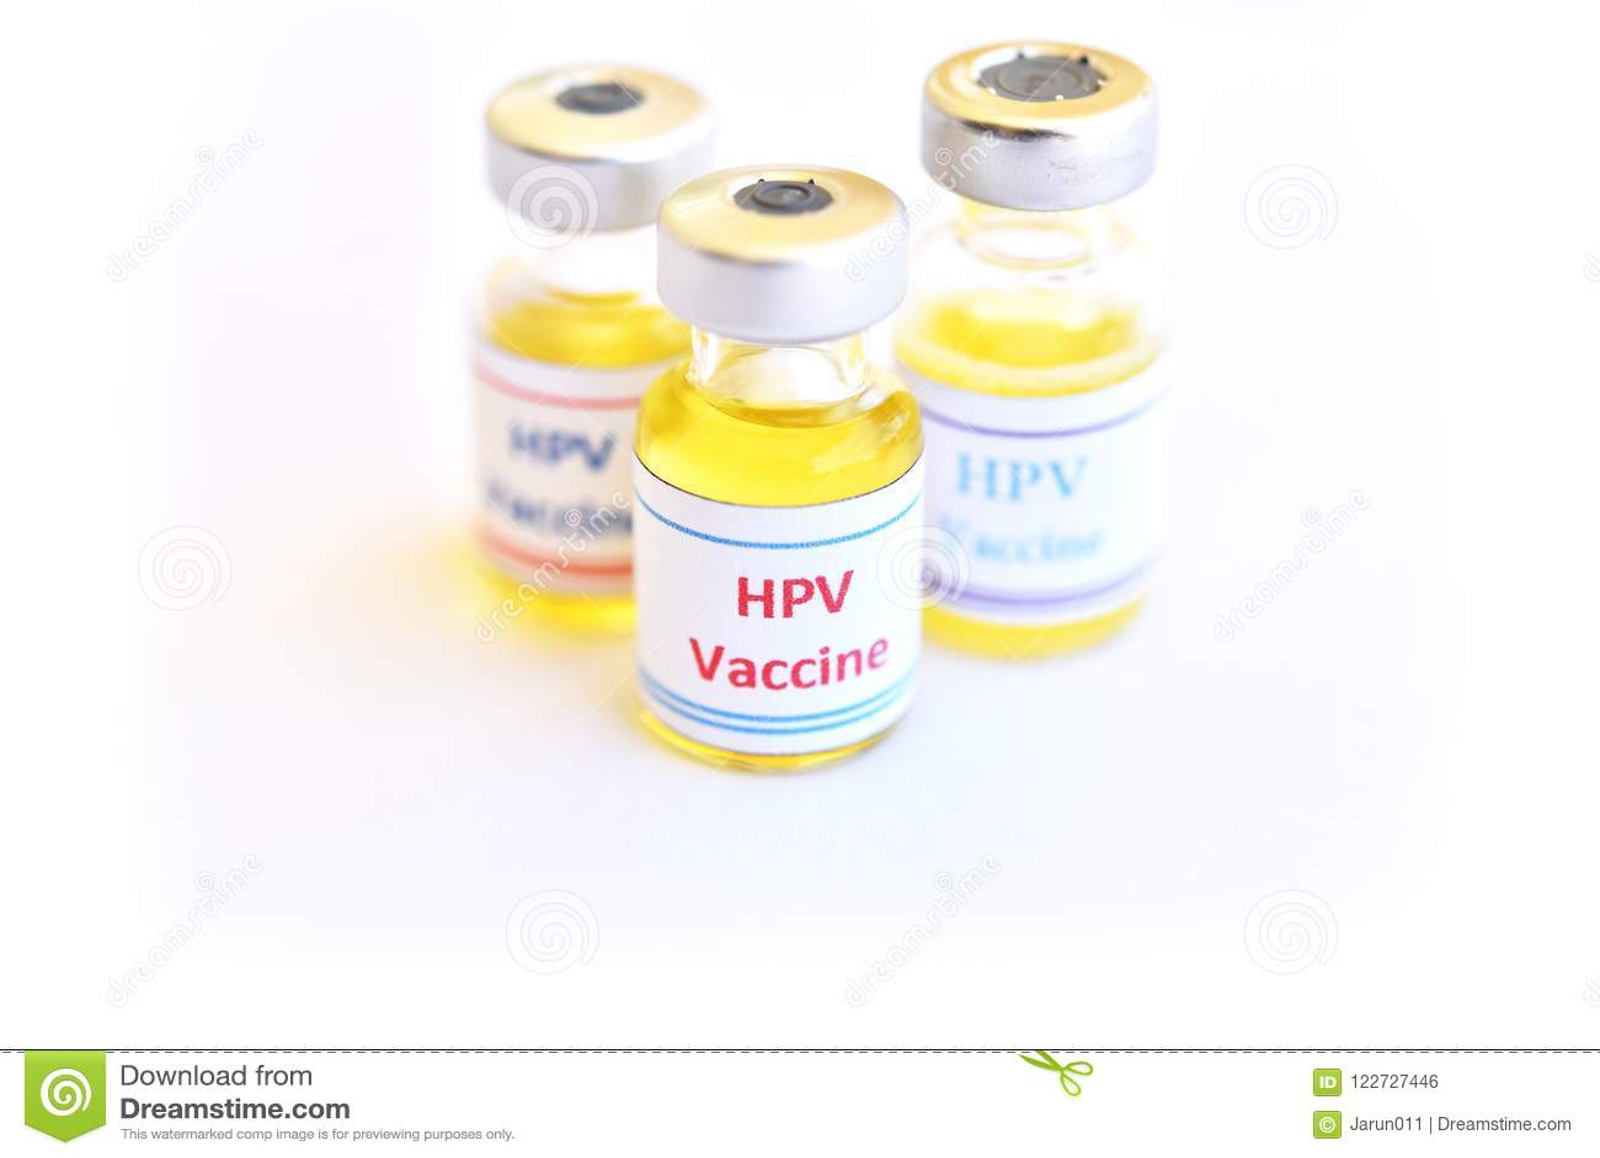 HPV-fertőzés tünetei és kezelése